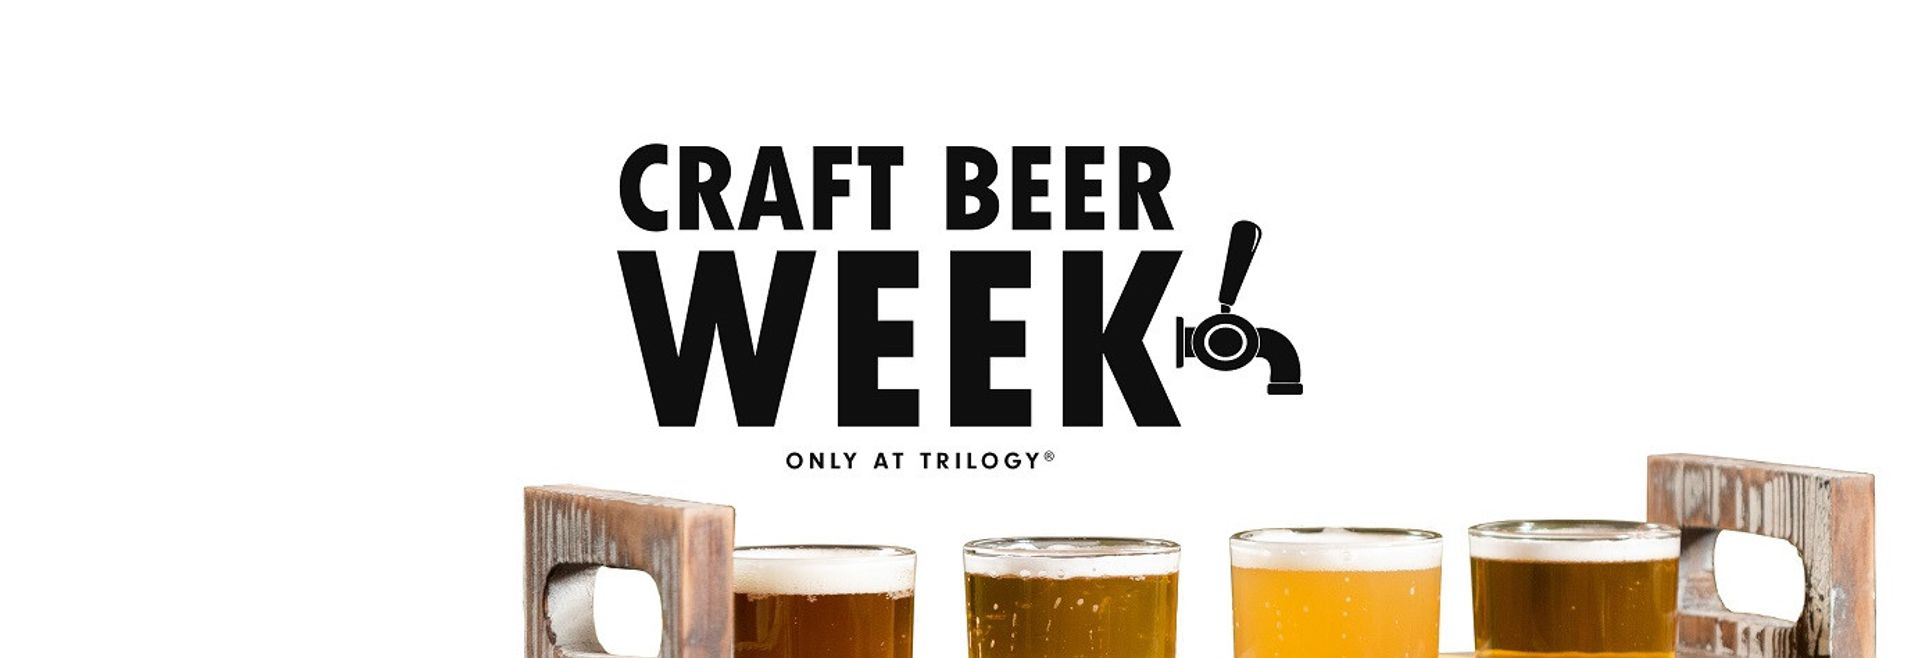 Craft Beer Week